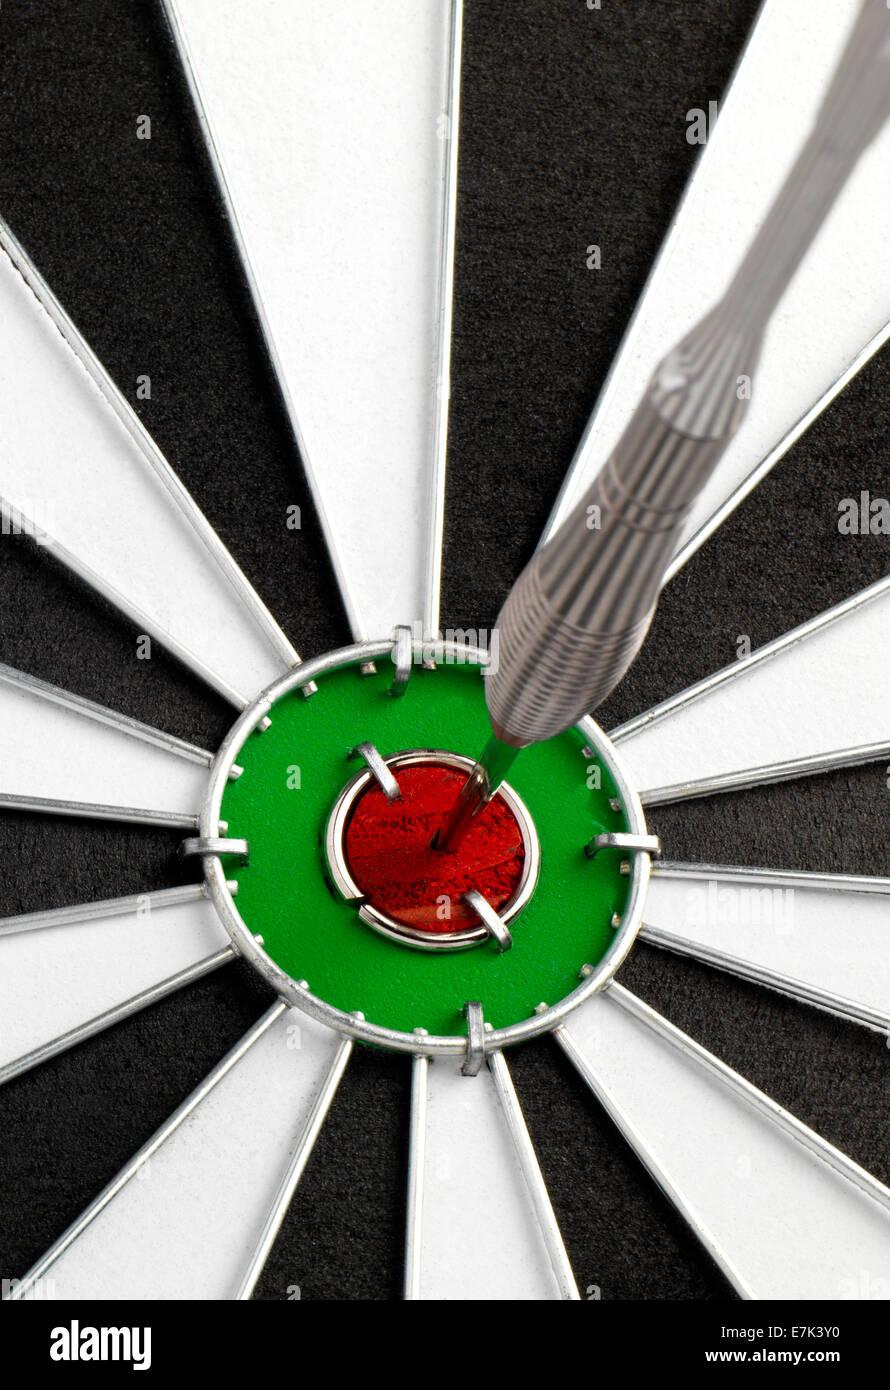 Dartboard Isolated - Stock Image